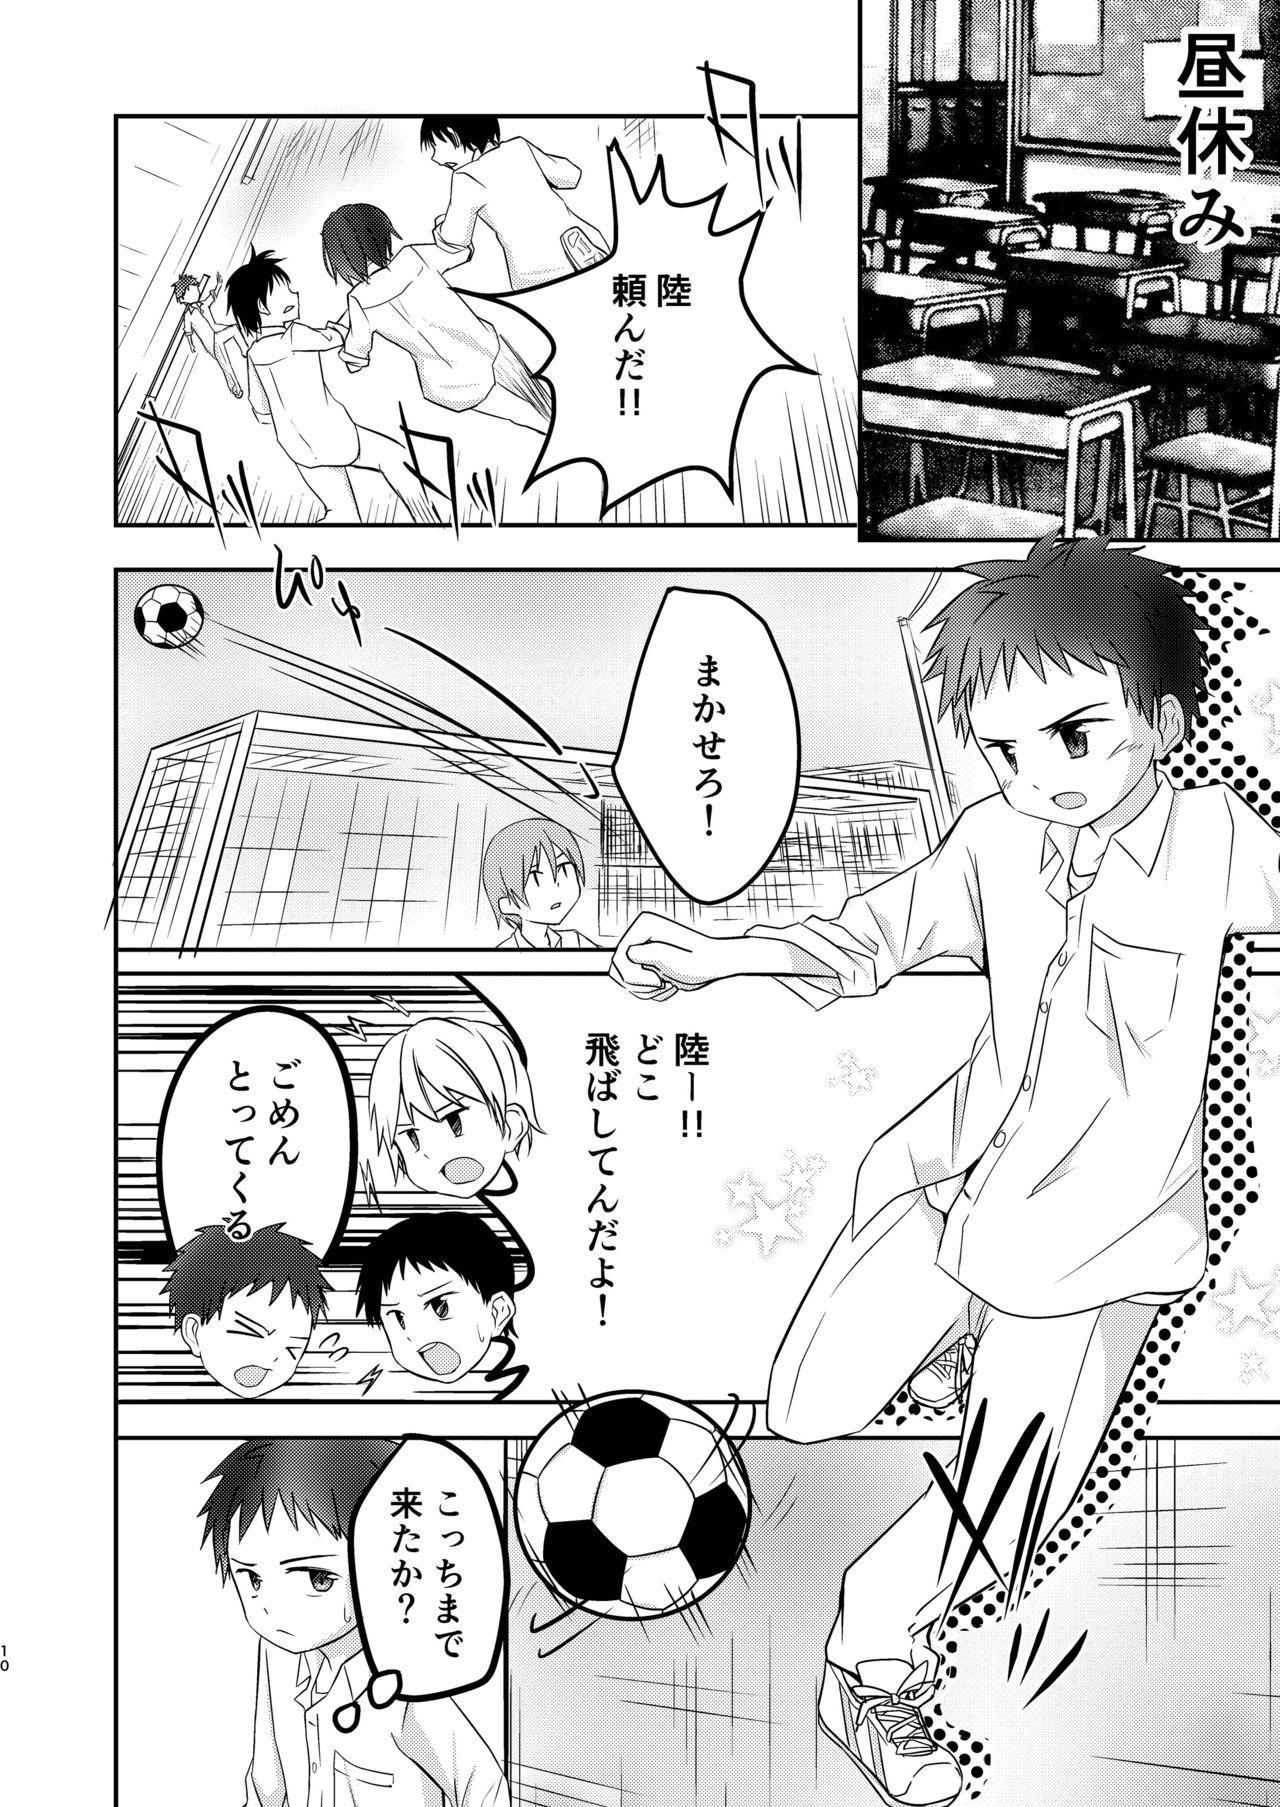 Kichiku Senpai o Yamenaide 9